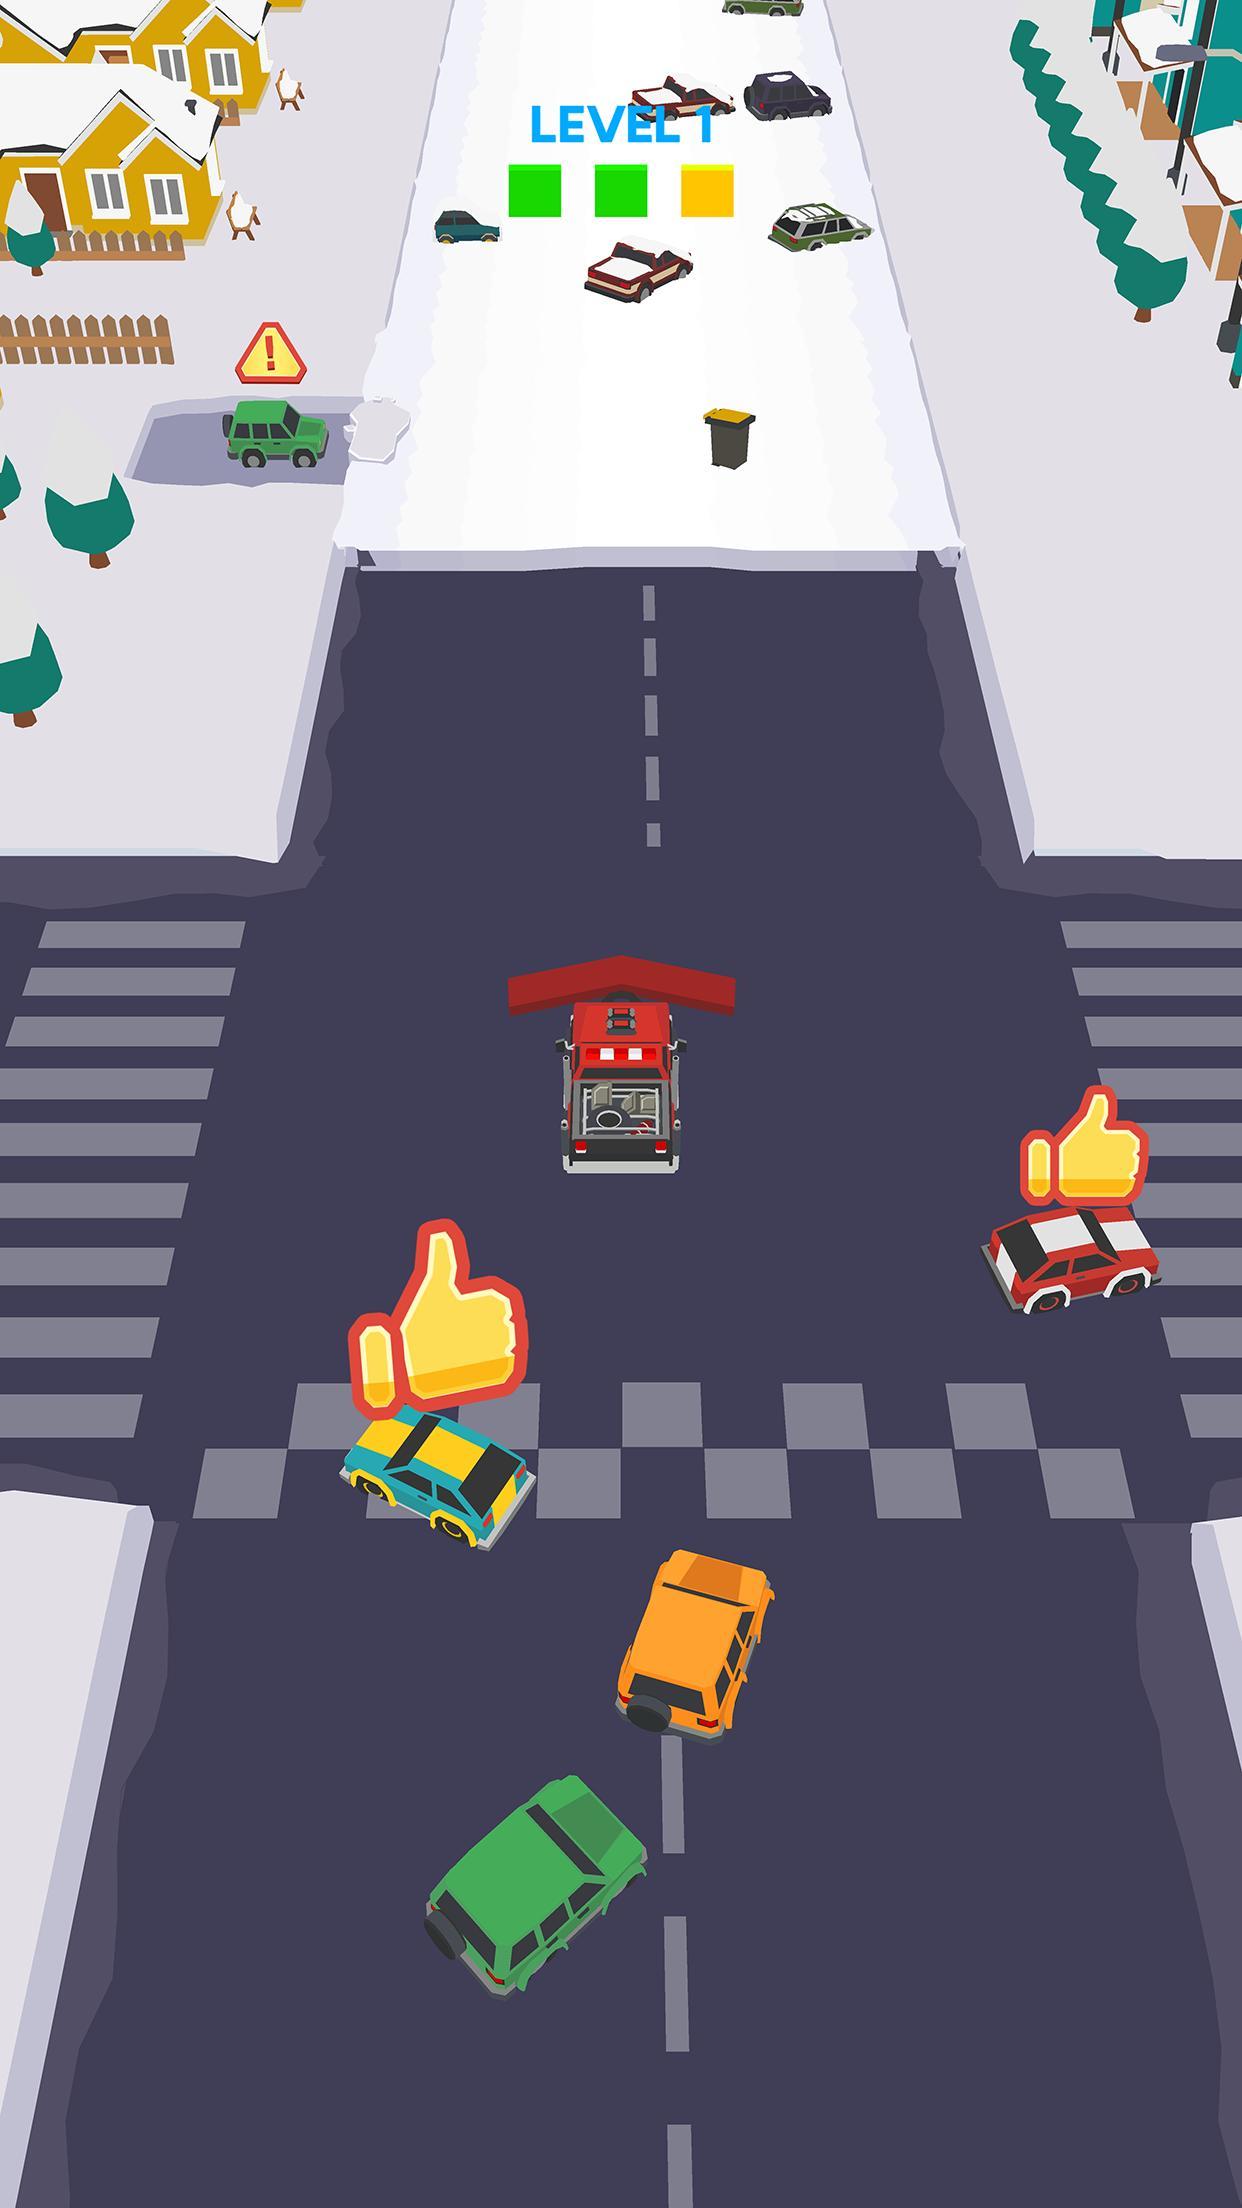 Gim permainan Clean Road